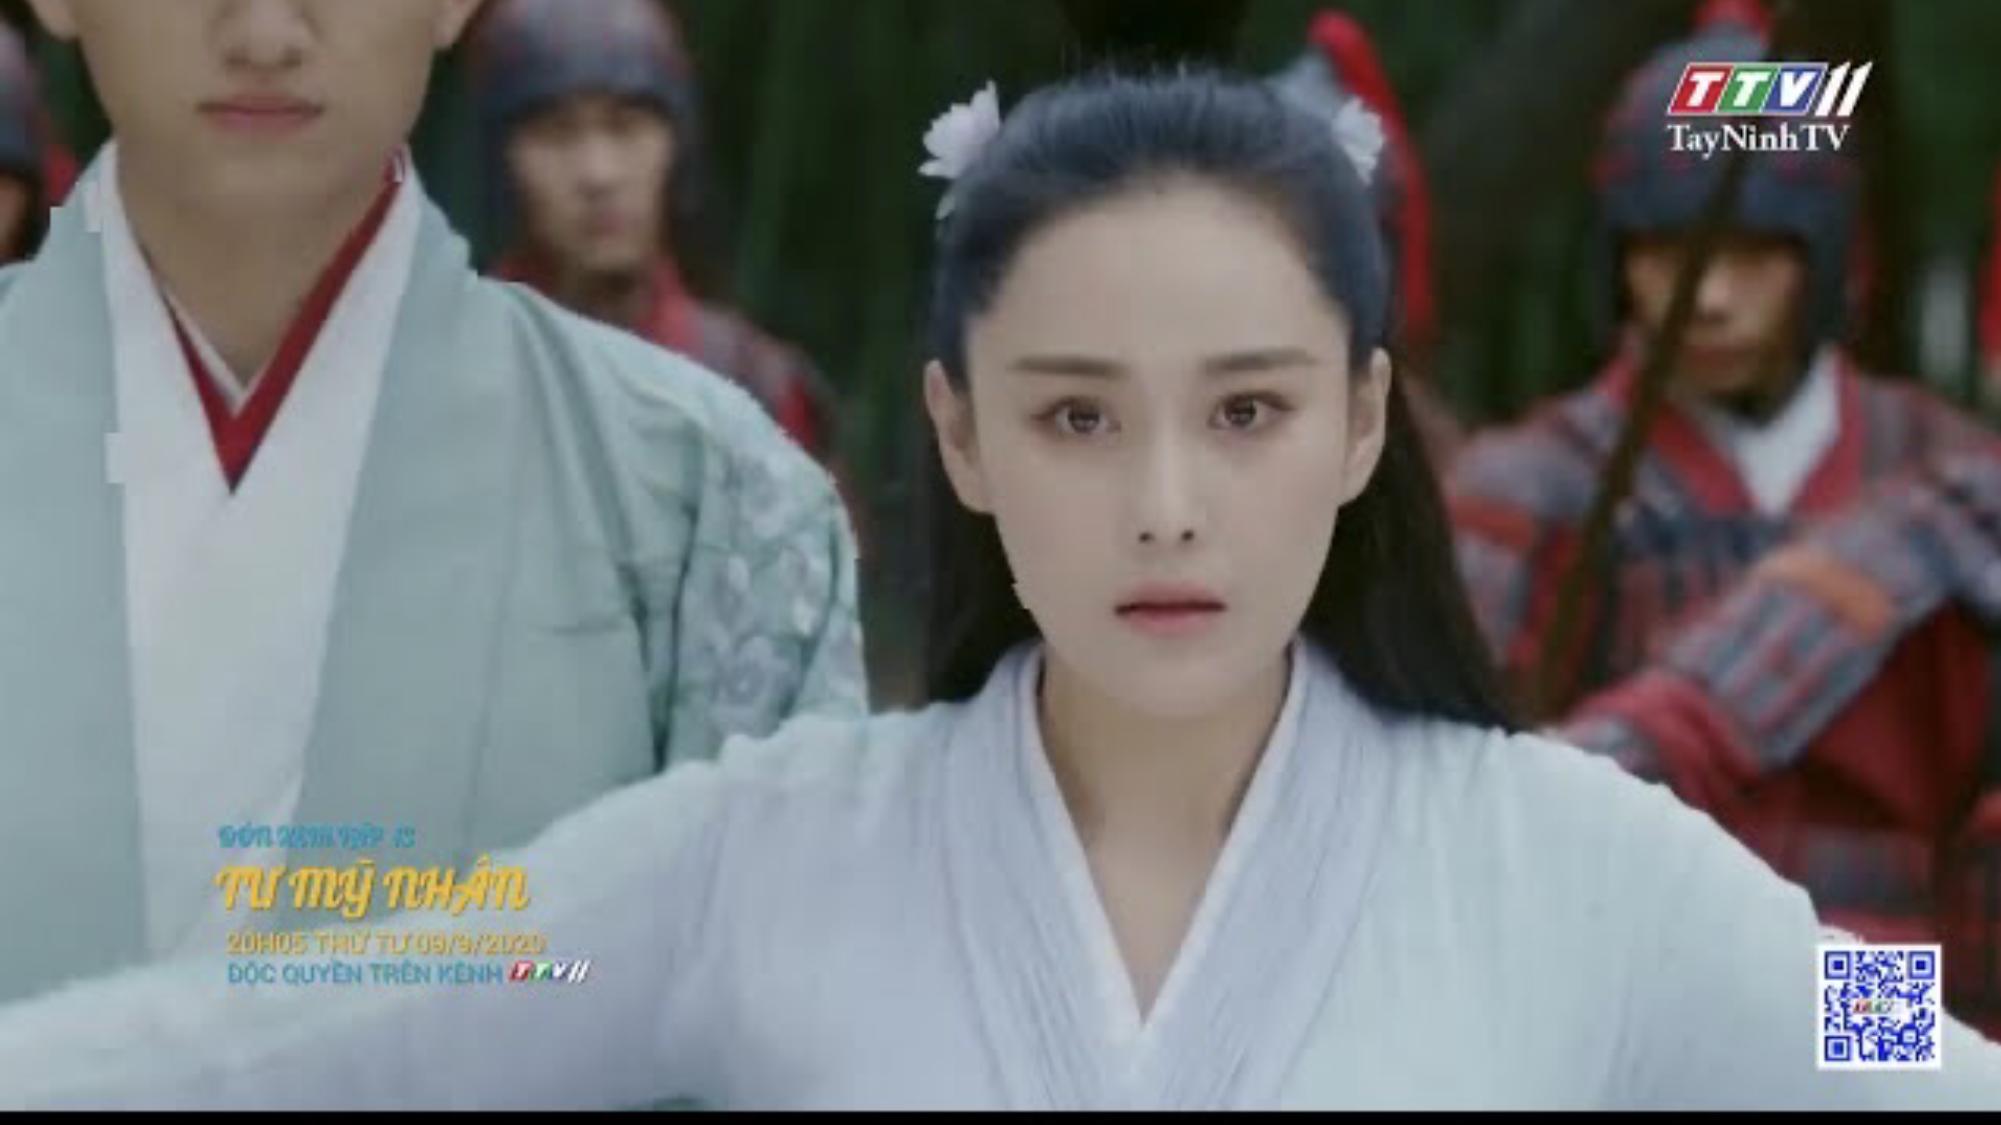 Tư mỹ nhân-TẬP 13 trailer | PHIM TƯ MỸ NHÂN | TayNinhTV